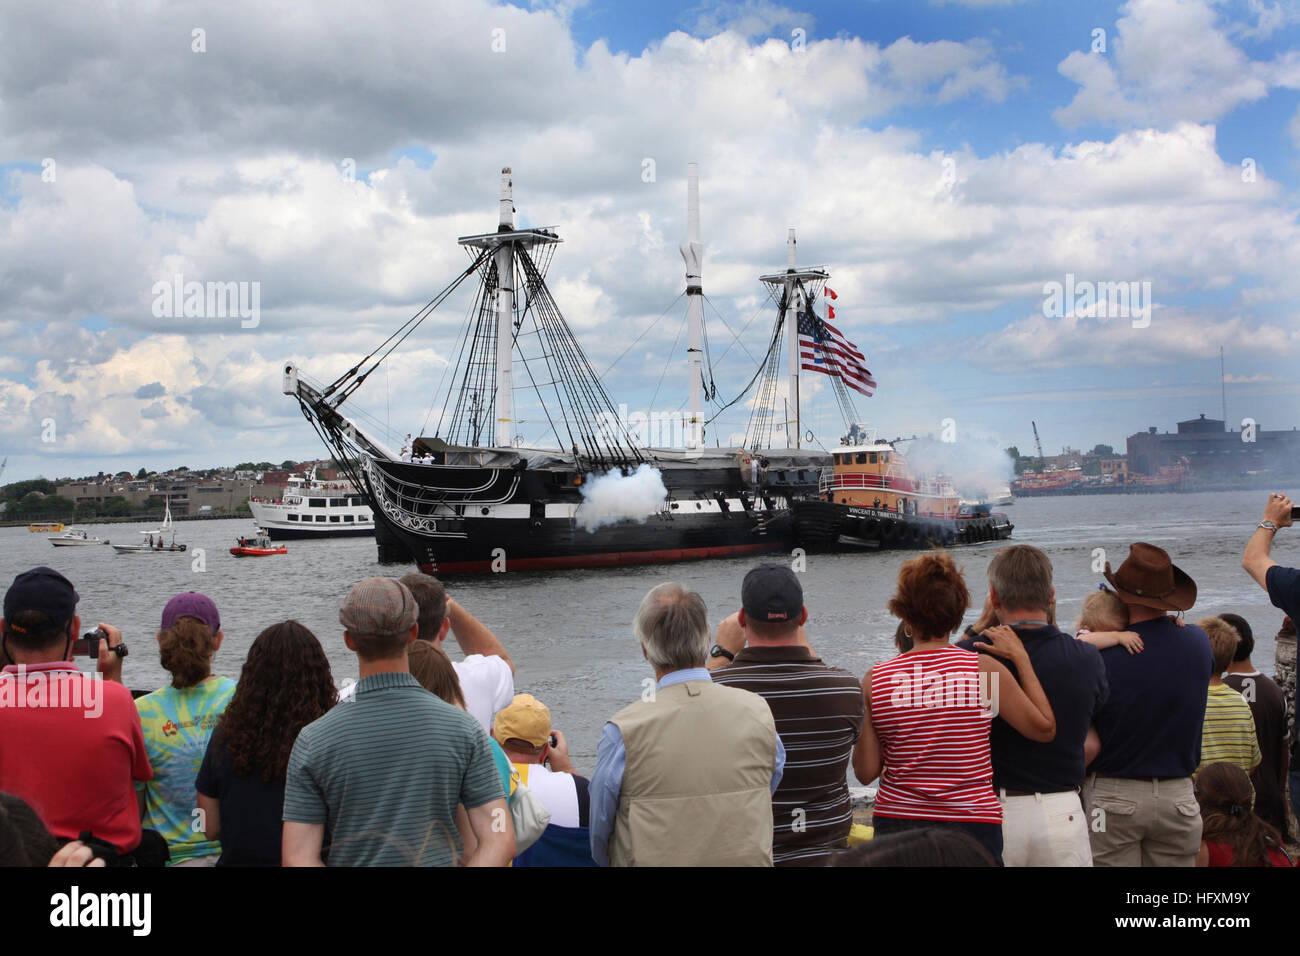 090704-N-8110K-080 de Boston, Massachusetts (Julio 4, 2009) los espectadores en la estación de la Guardia Costera Imagen De Stock